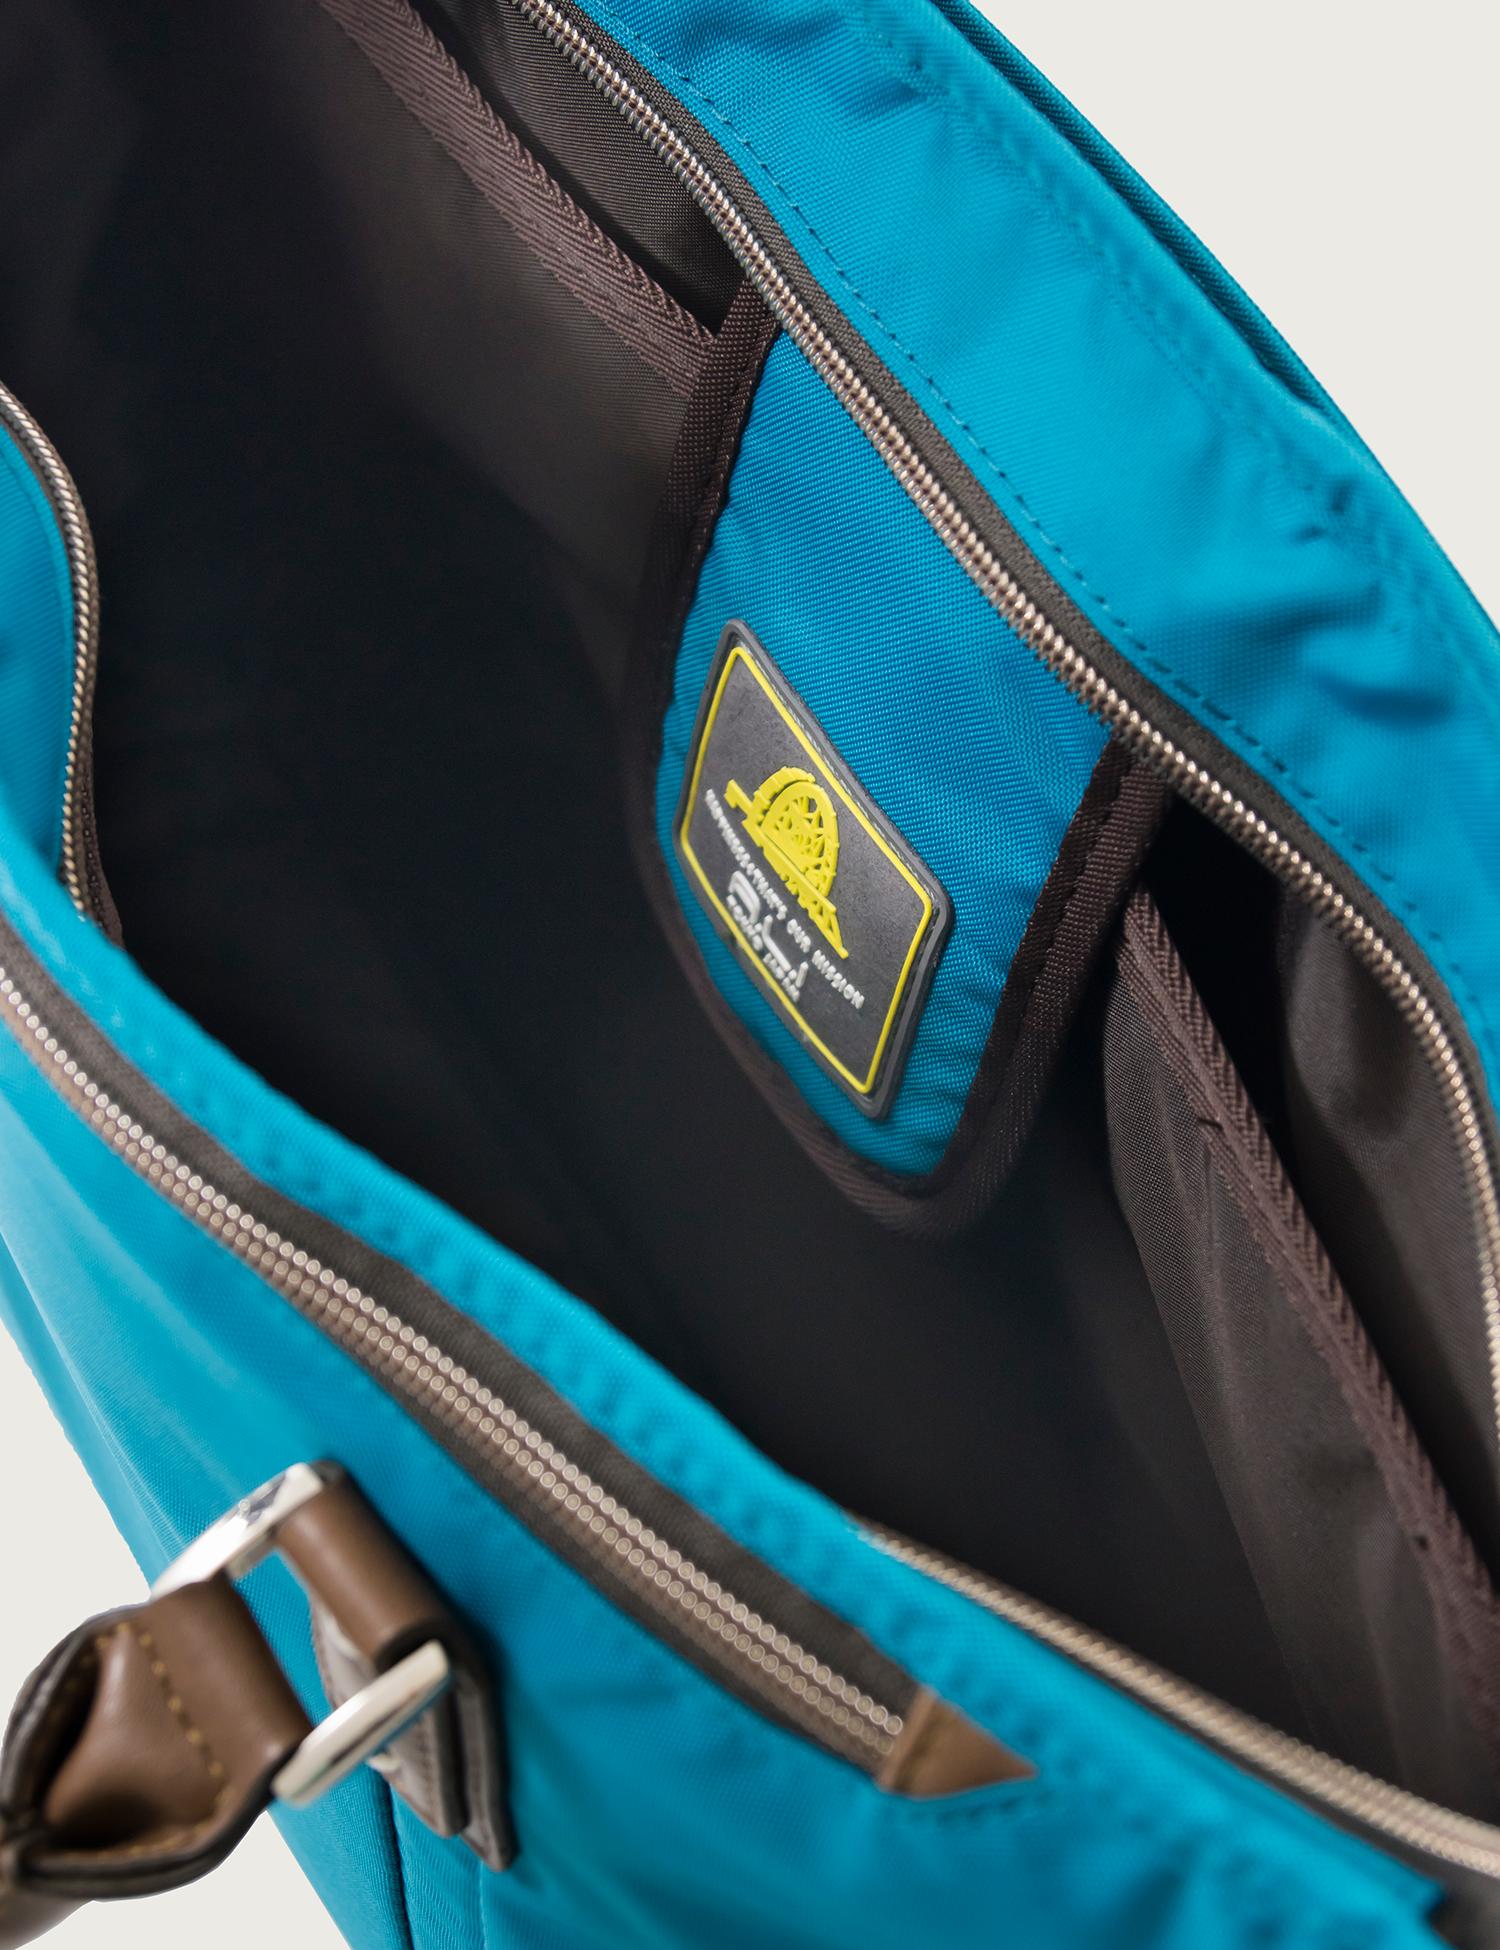 ¢ジア éゲージのビジネスバッグ ¯リアランスセール開催中 ¢ジア éゲージ Ņ¬å¼ã'µã'¤ãƒˆ Asia Luggage